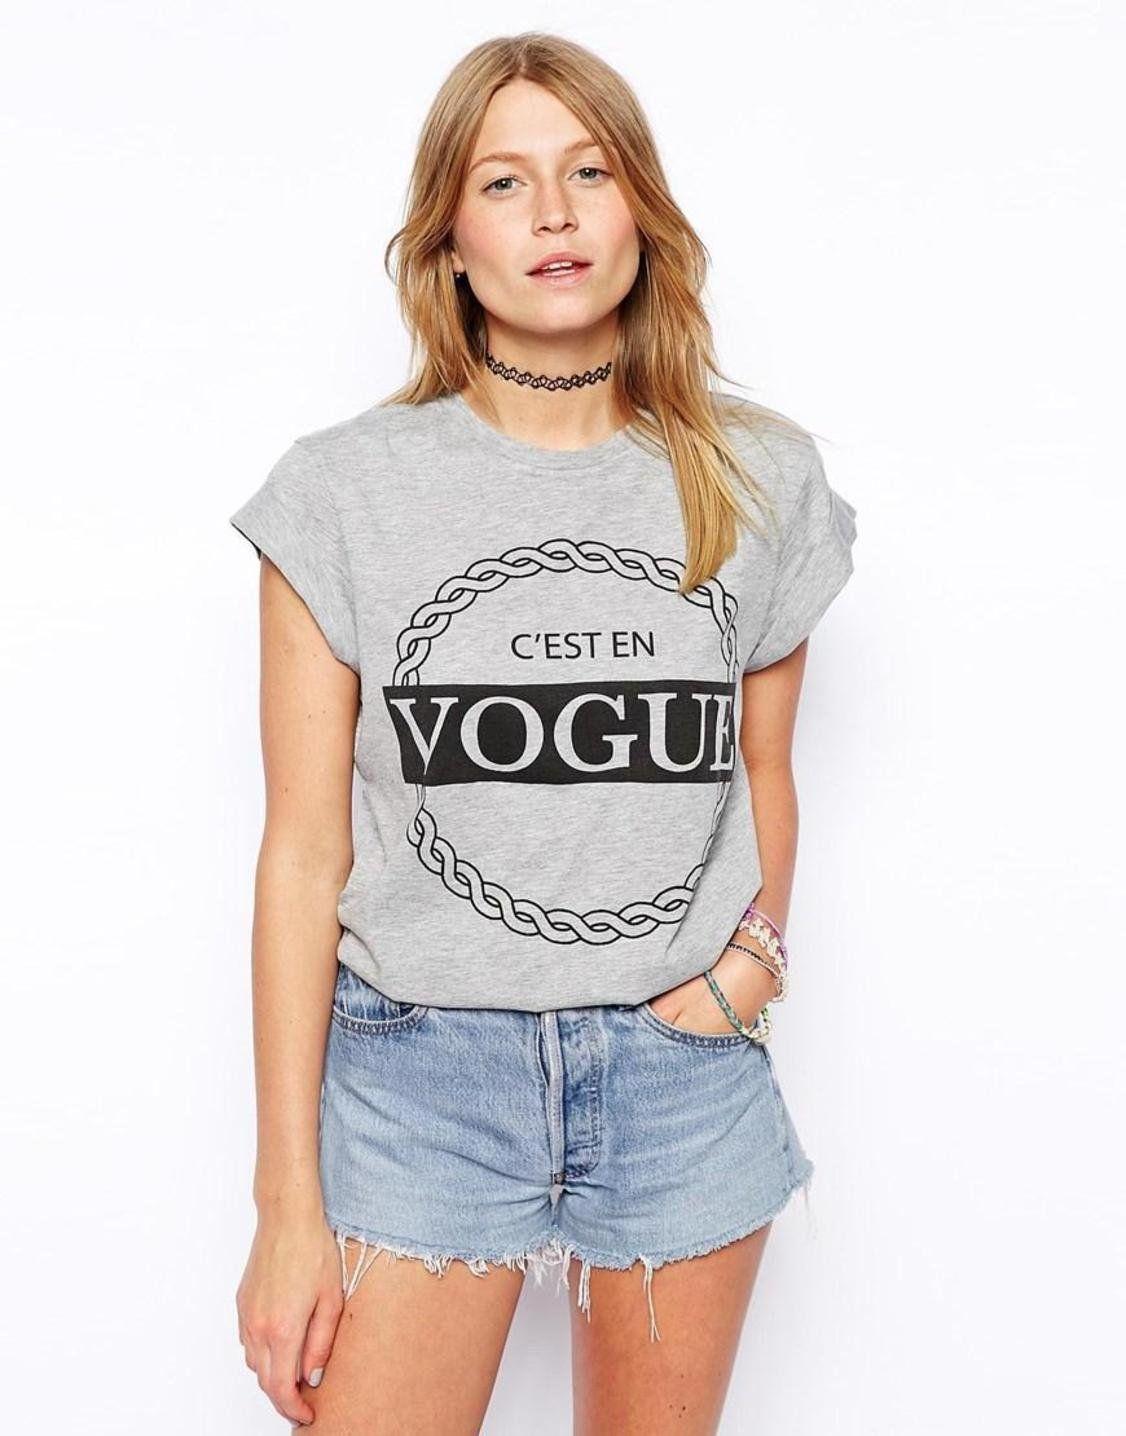 ASOS T-Shirt with C'est en Vogue Print http://picvpic.com/women-tops-t-shirts/asos-t-shirt-with-c-est-en-vogue-print?ref=9MoYrR